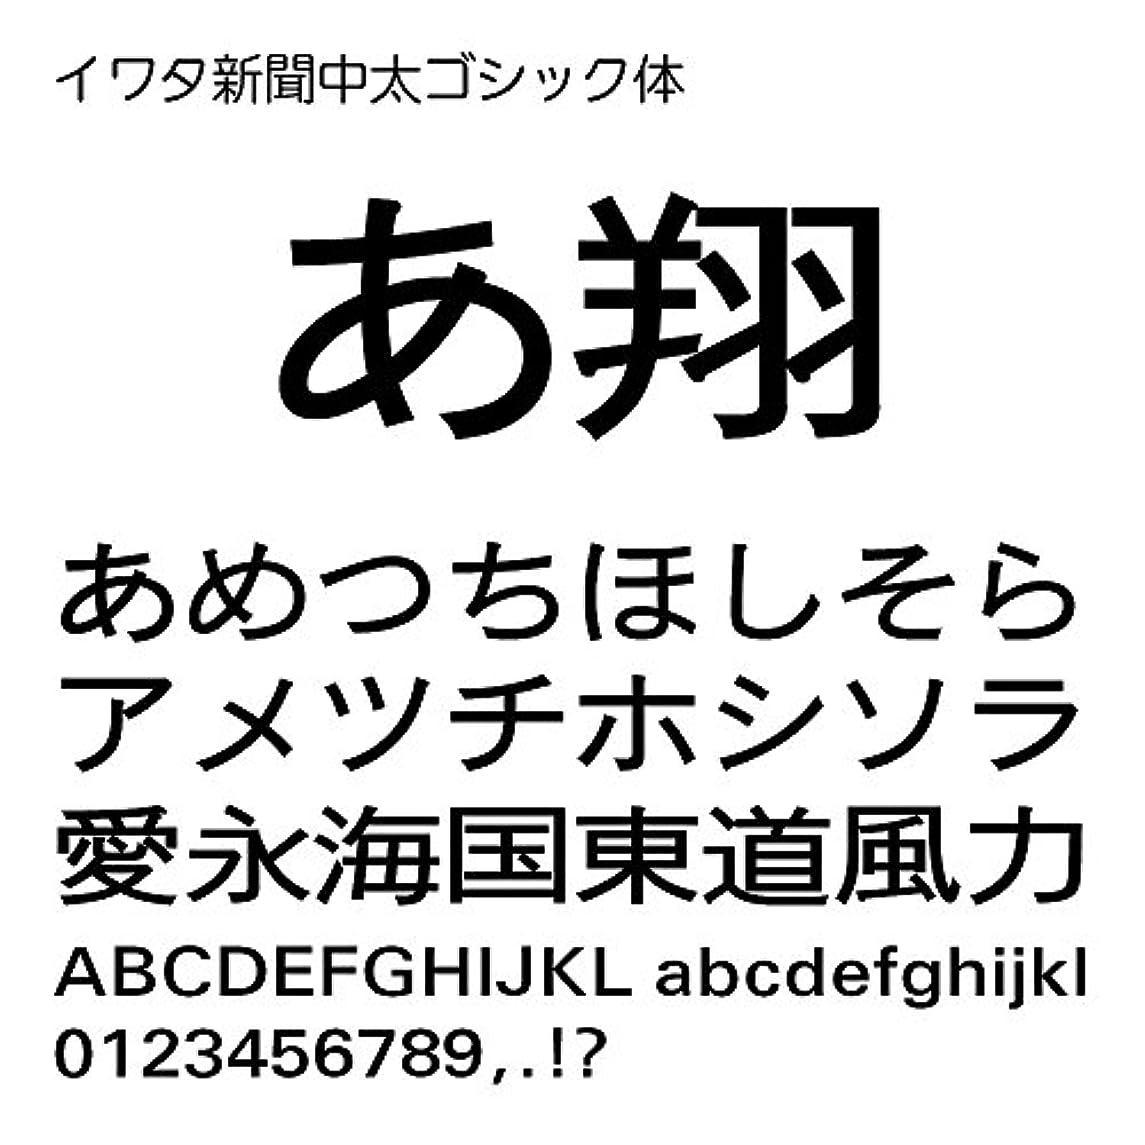 イワタ新聞中太ゴシック体Std OpenType Font for Windows [ダウンロード]